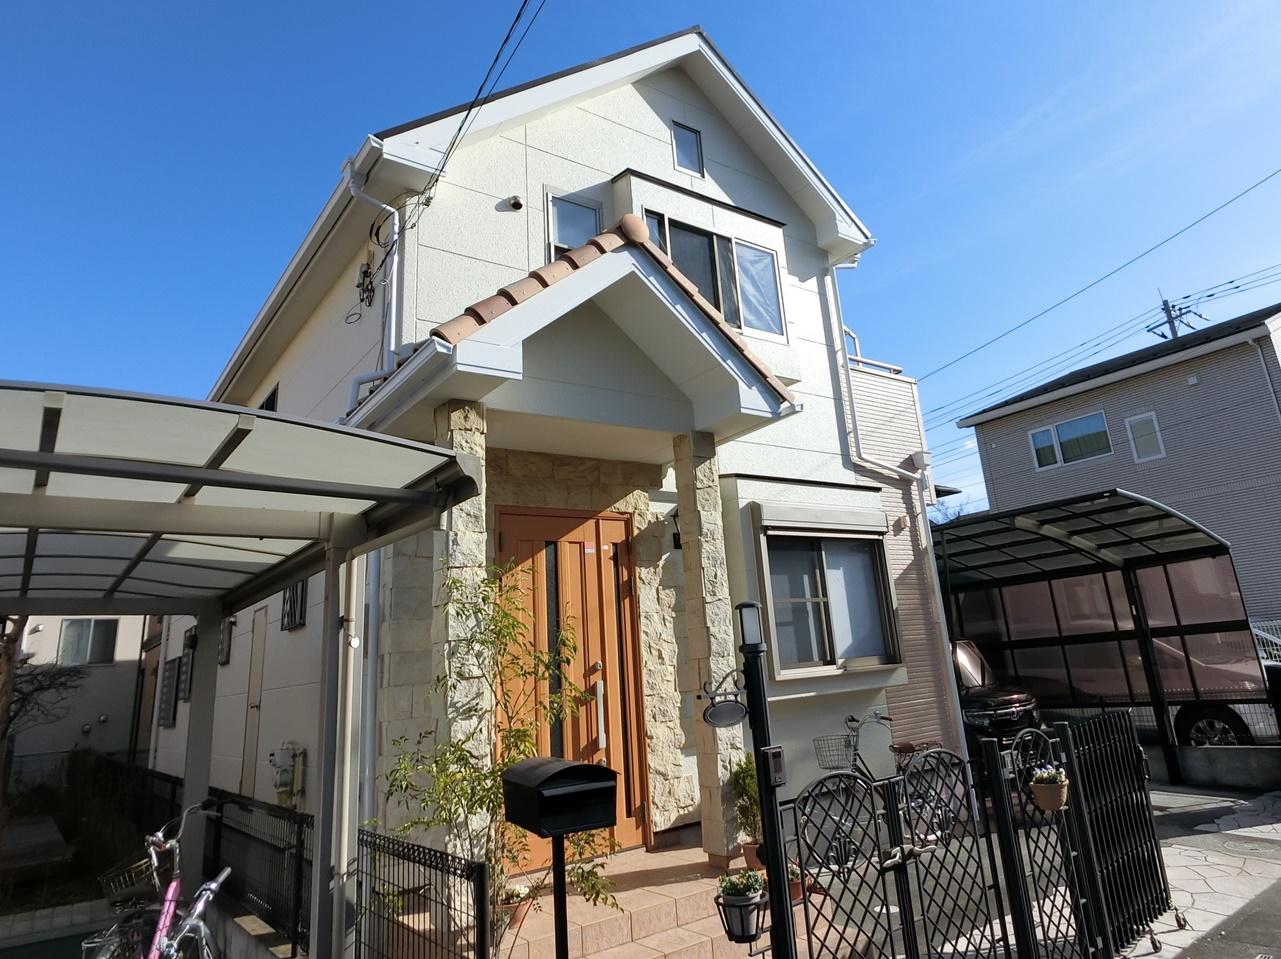 屋根・外壁シリコン塗装&棟板金交換!流行りの5分艶仕上げ!!